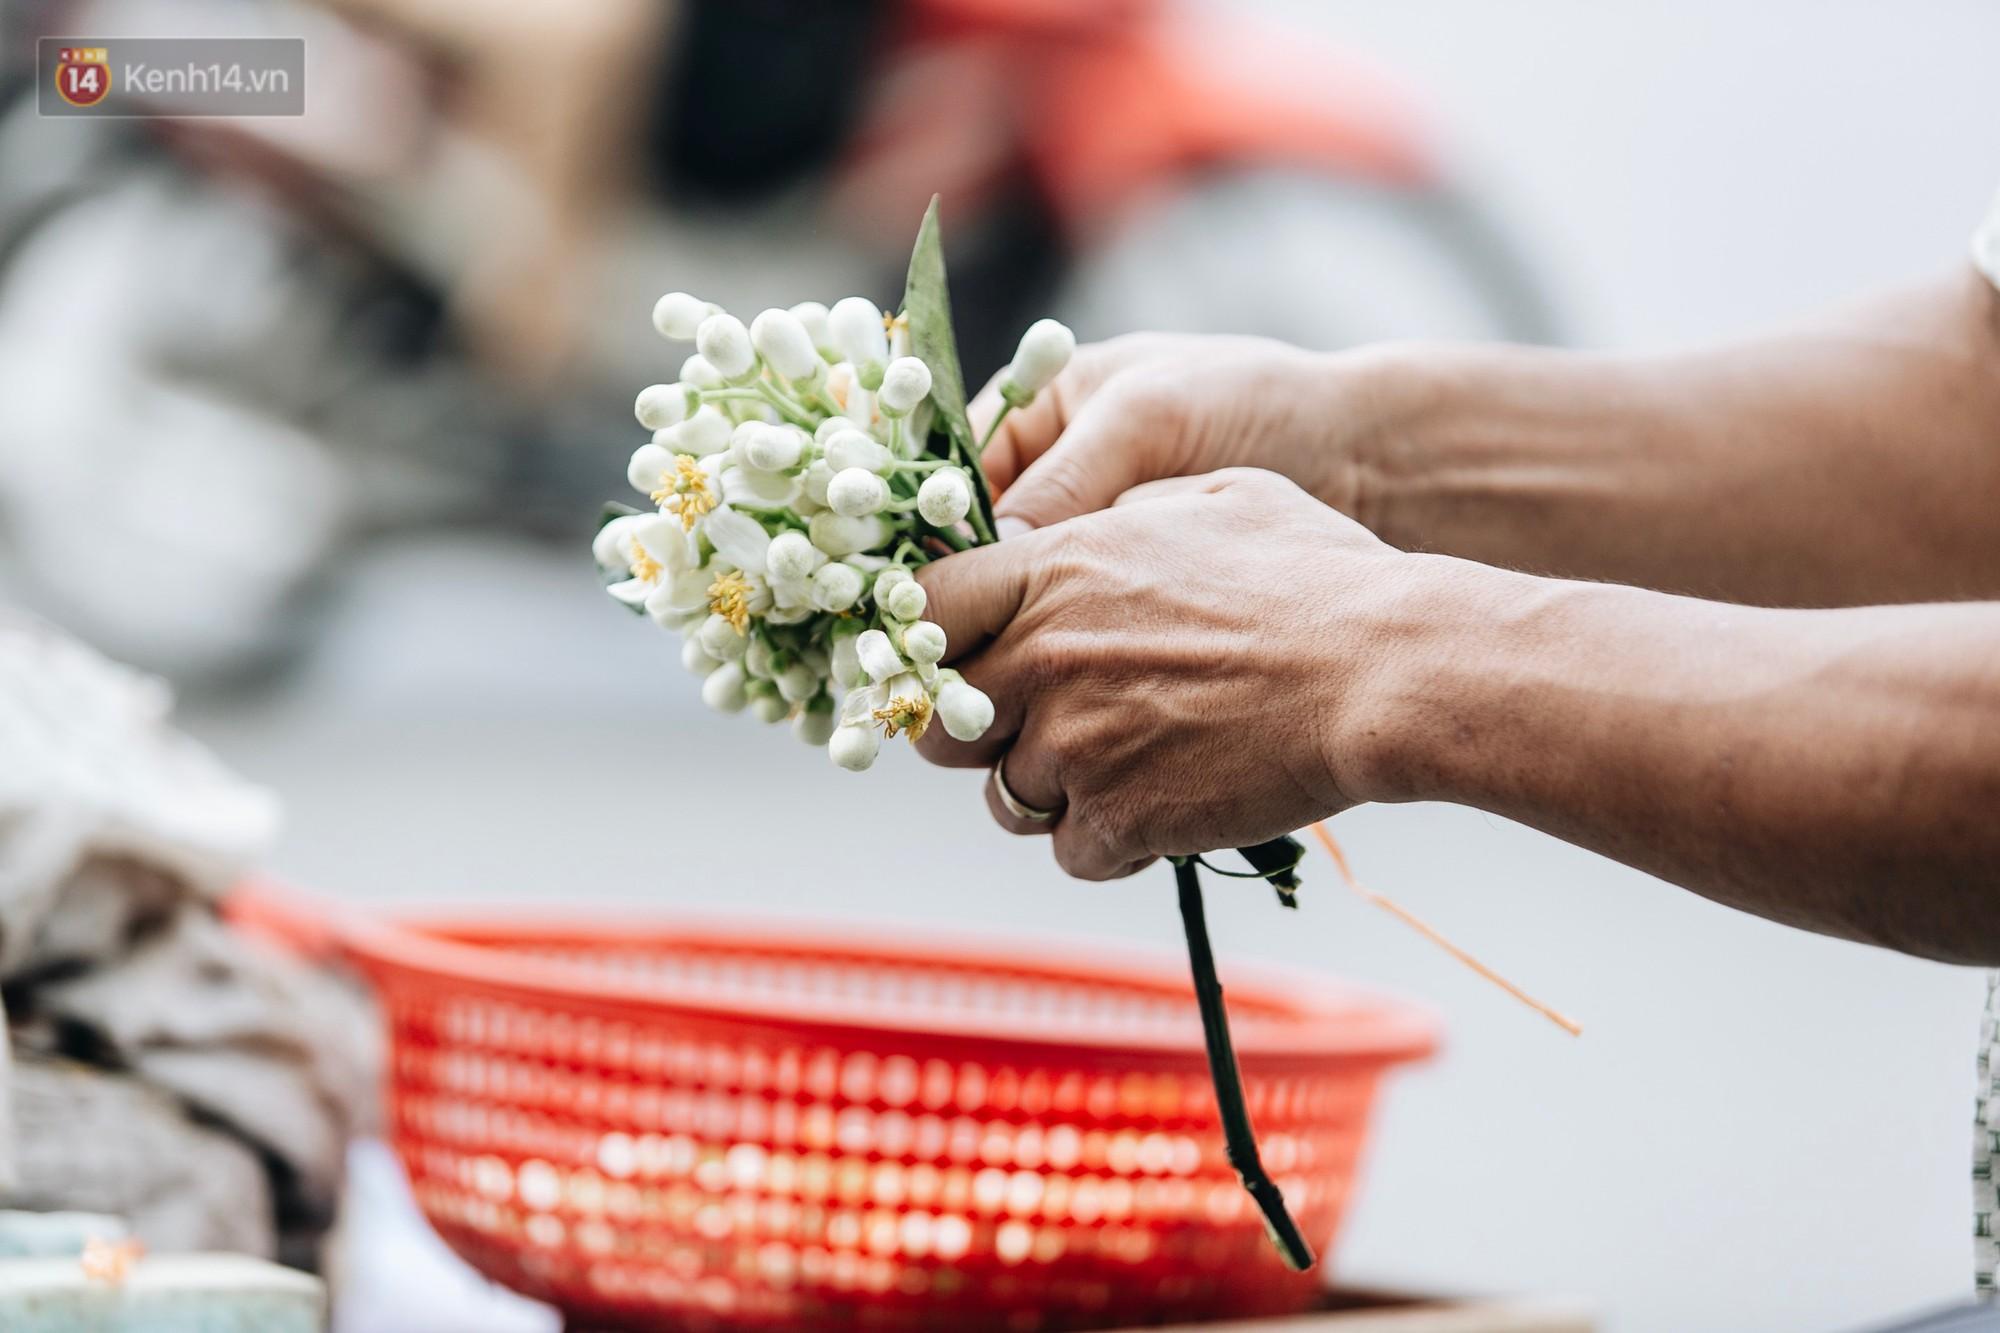 Hoa bưởi tháng 2 theo gió xuống phố Hà Nội, giá lên đến 300.000 đồng/kg vẫn cháy hàng - Ảnh 10.